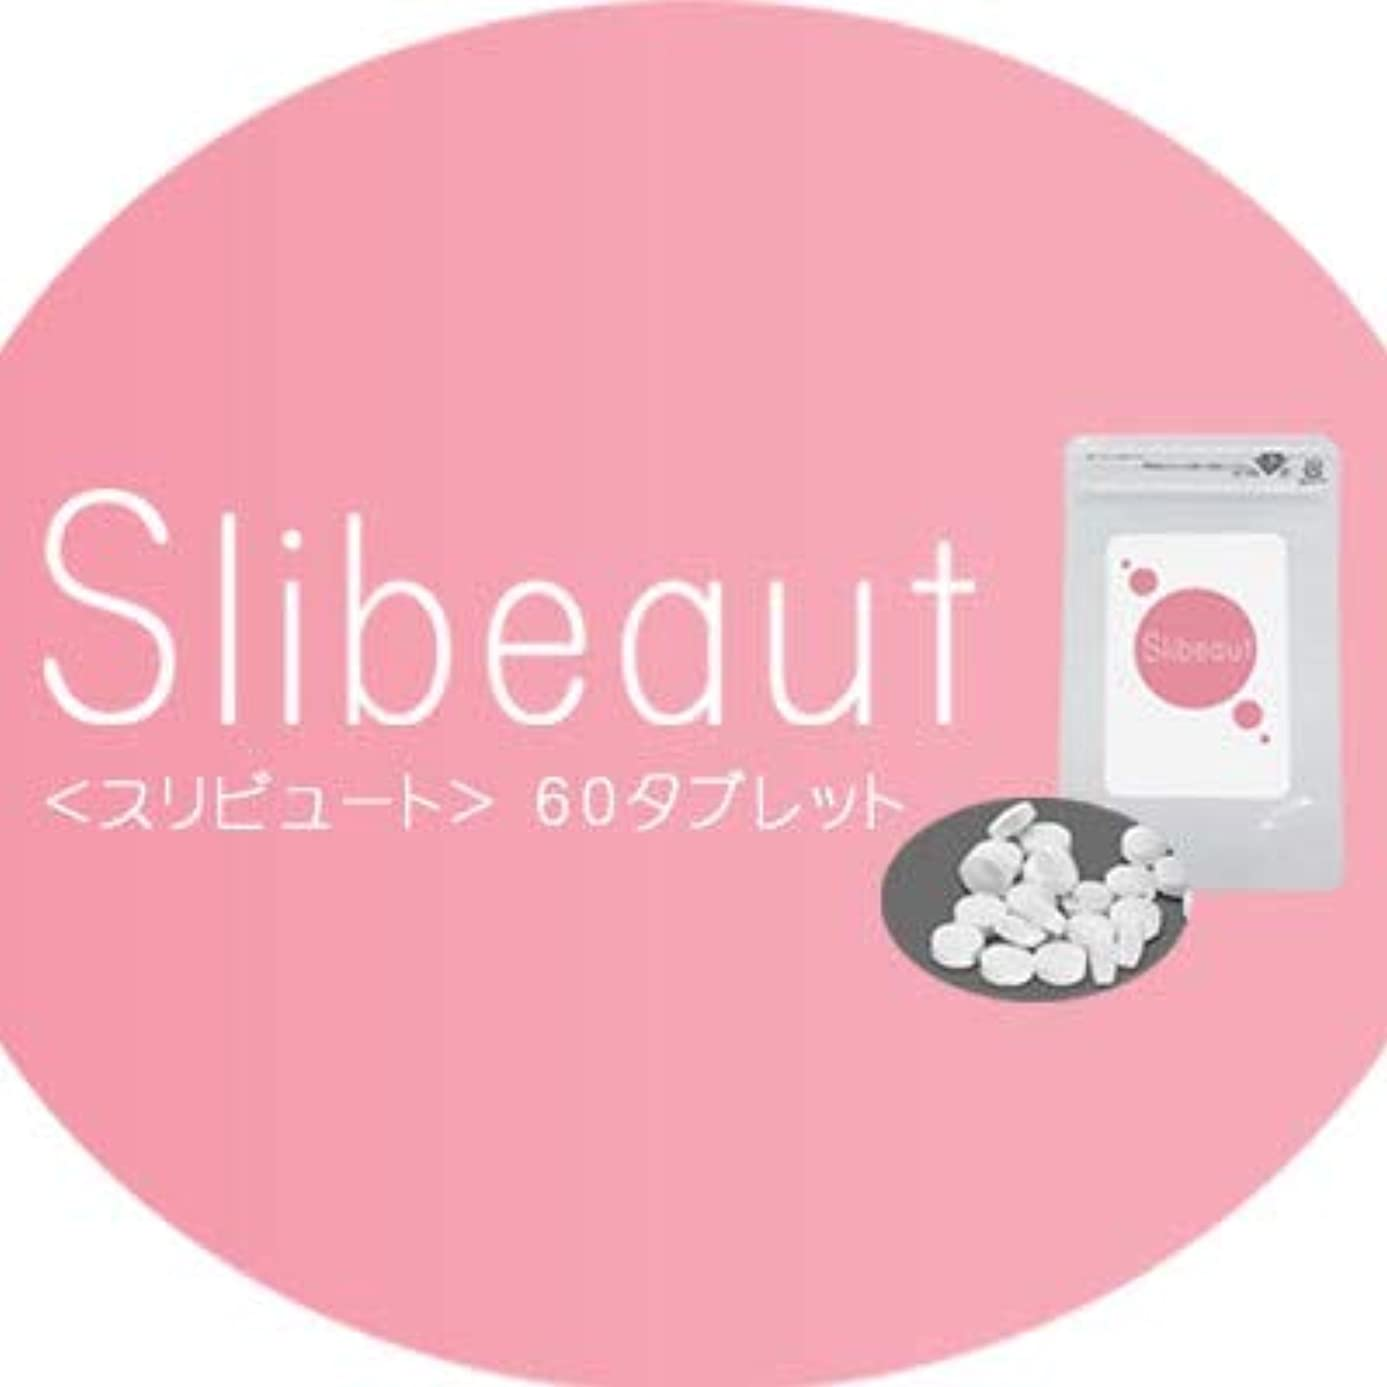 会話排泄物子猫Slibeaut(スリビュート)~ダイエットサポートサプリ~